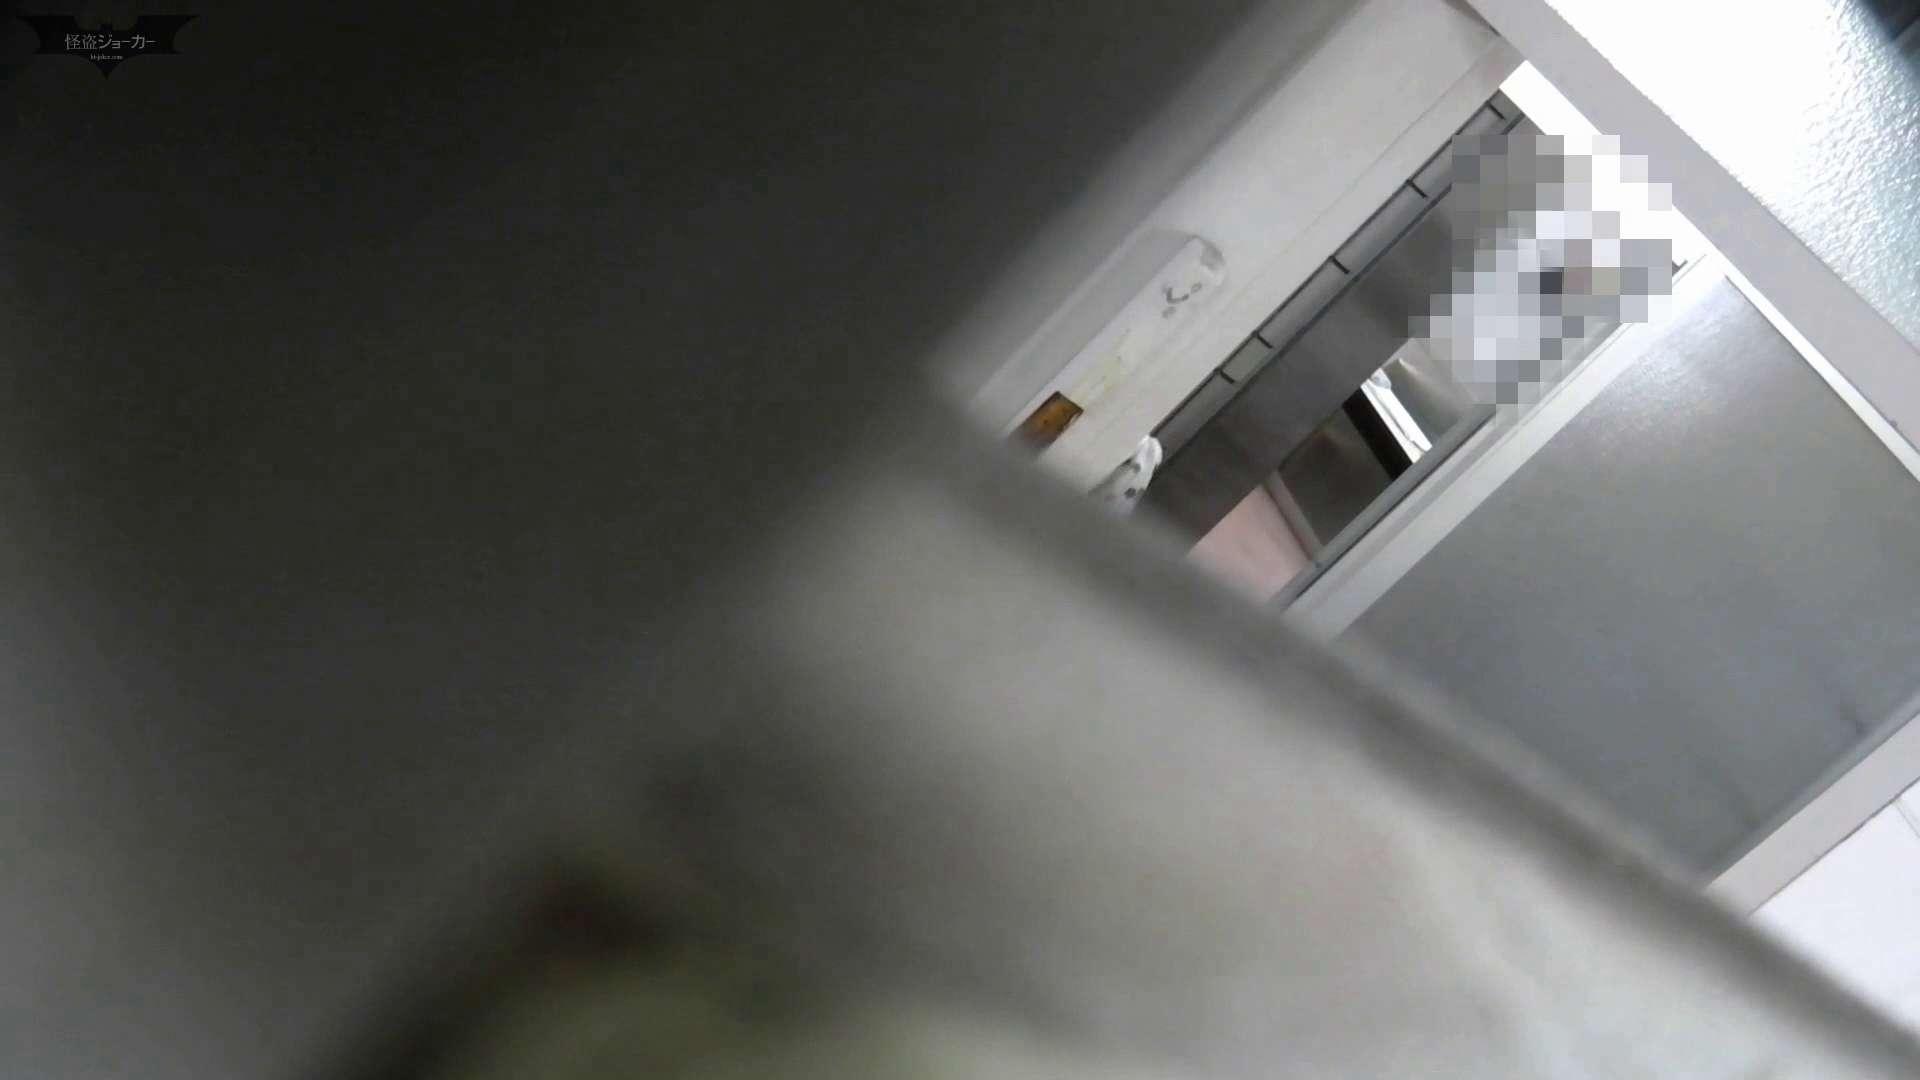 洗面所特攻隊 vol.66 珍事件発生!! 「指」で出【2015・05位】 洗面所 | 色っぽいOL達  91pic 51